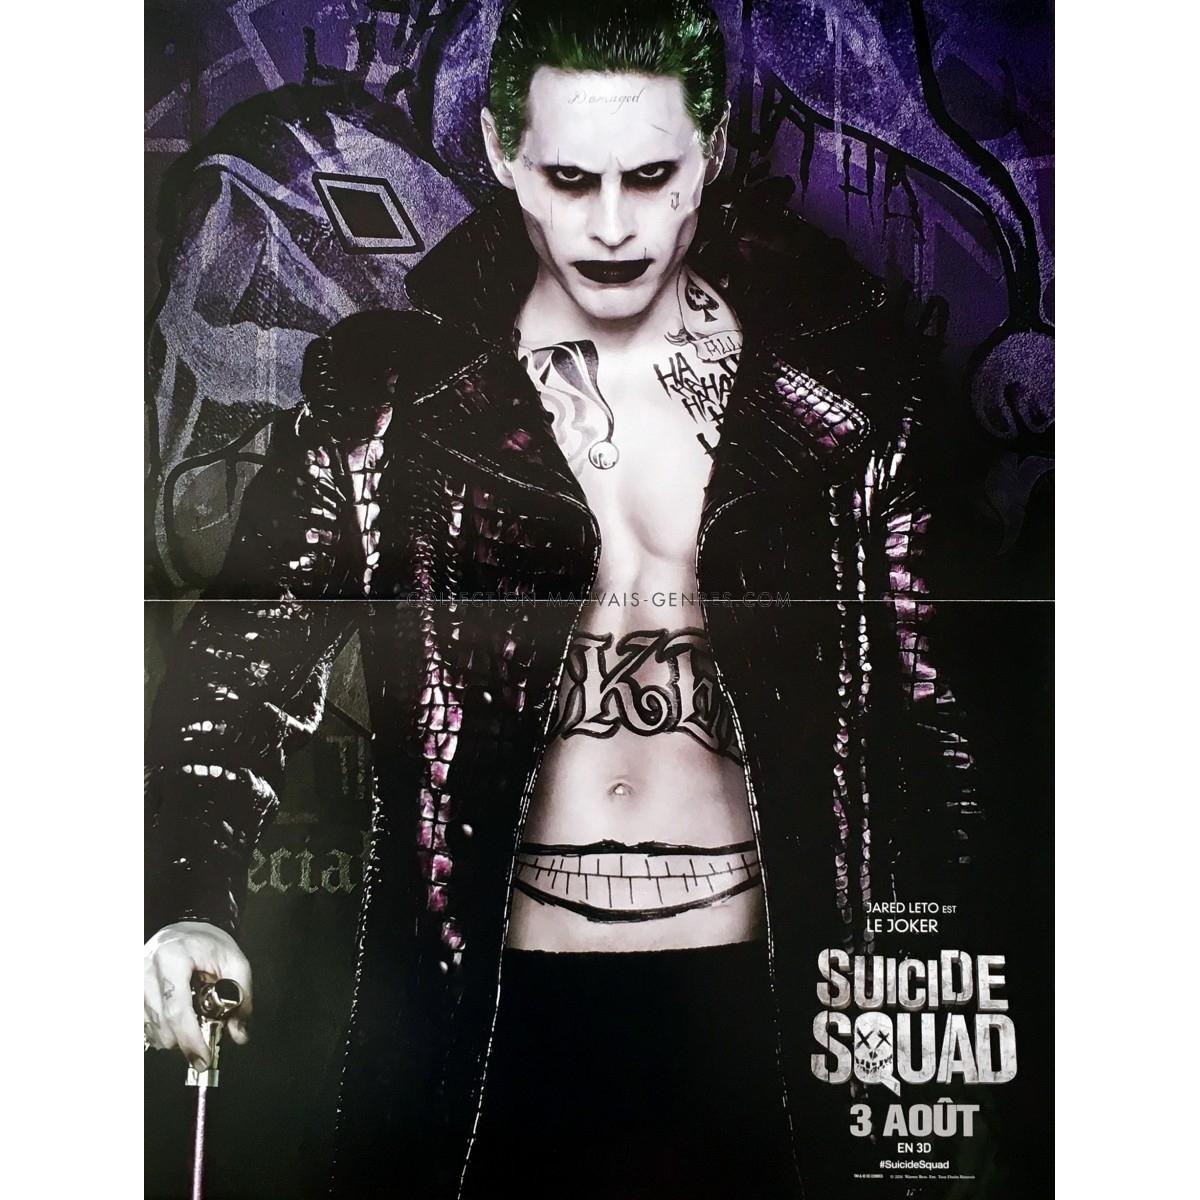 affiche de suicide squad - joker